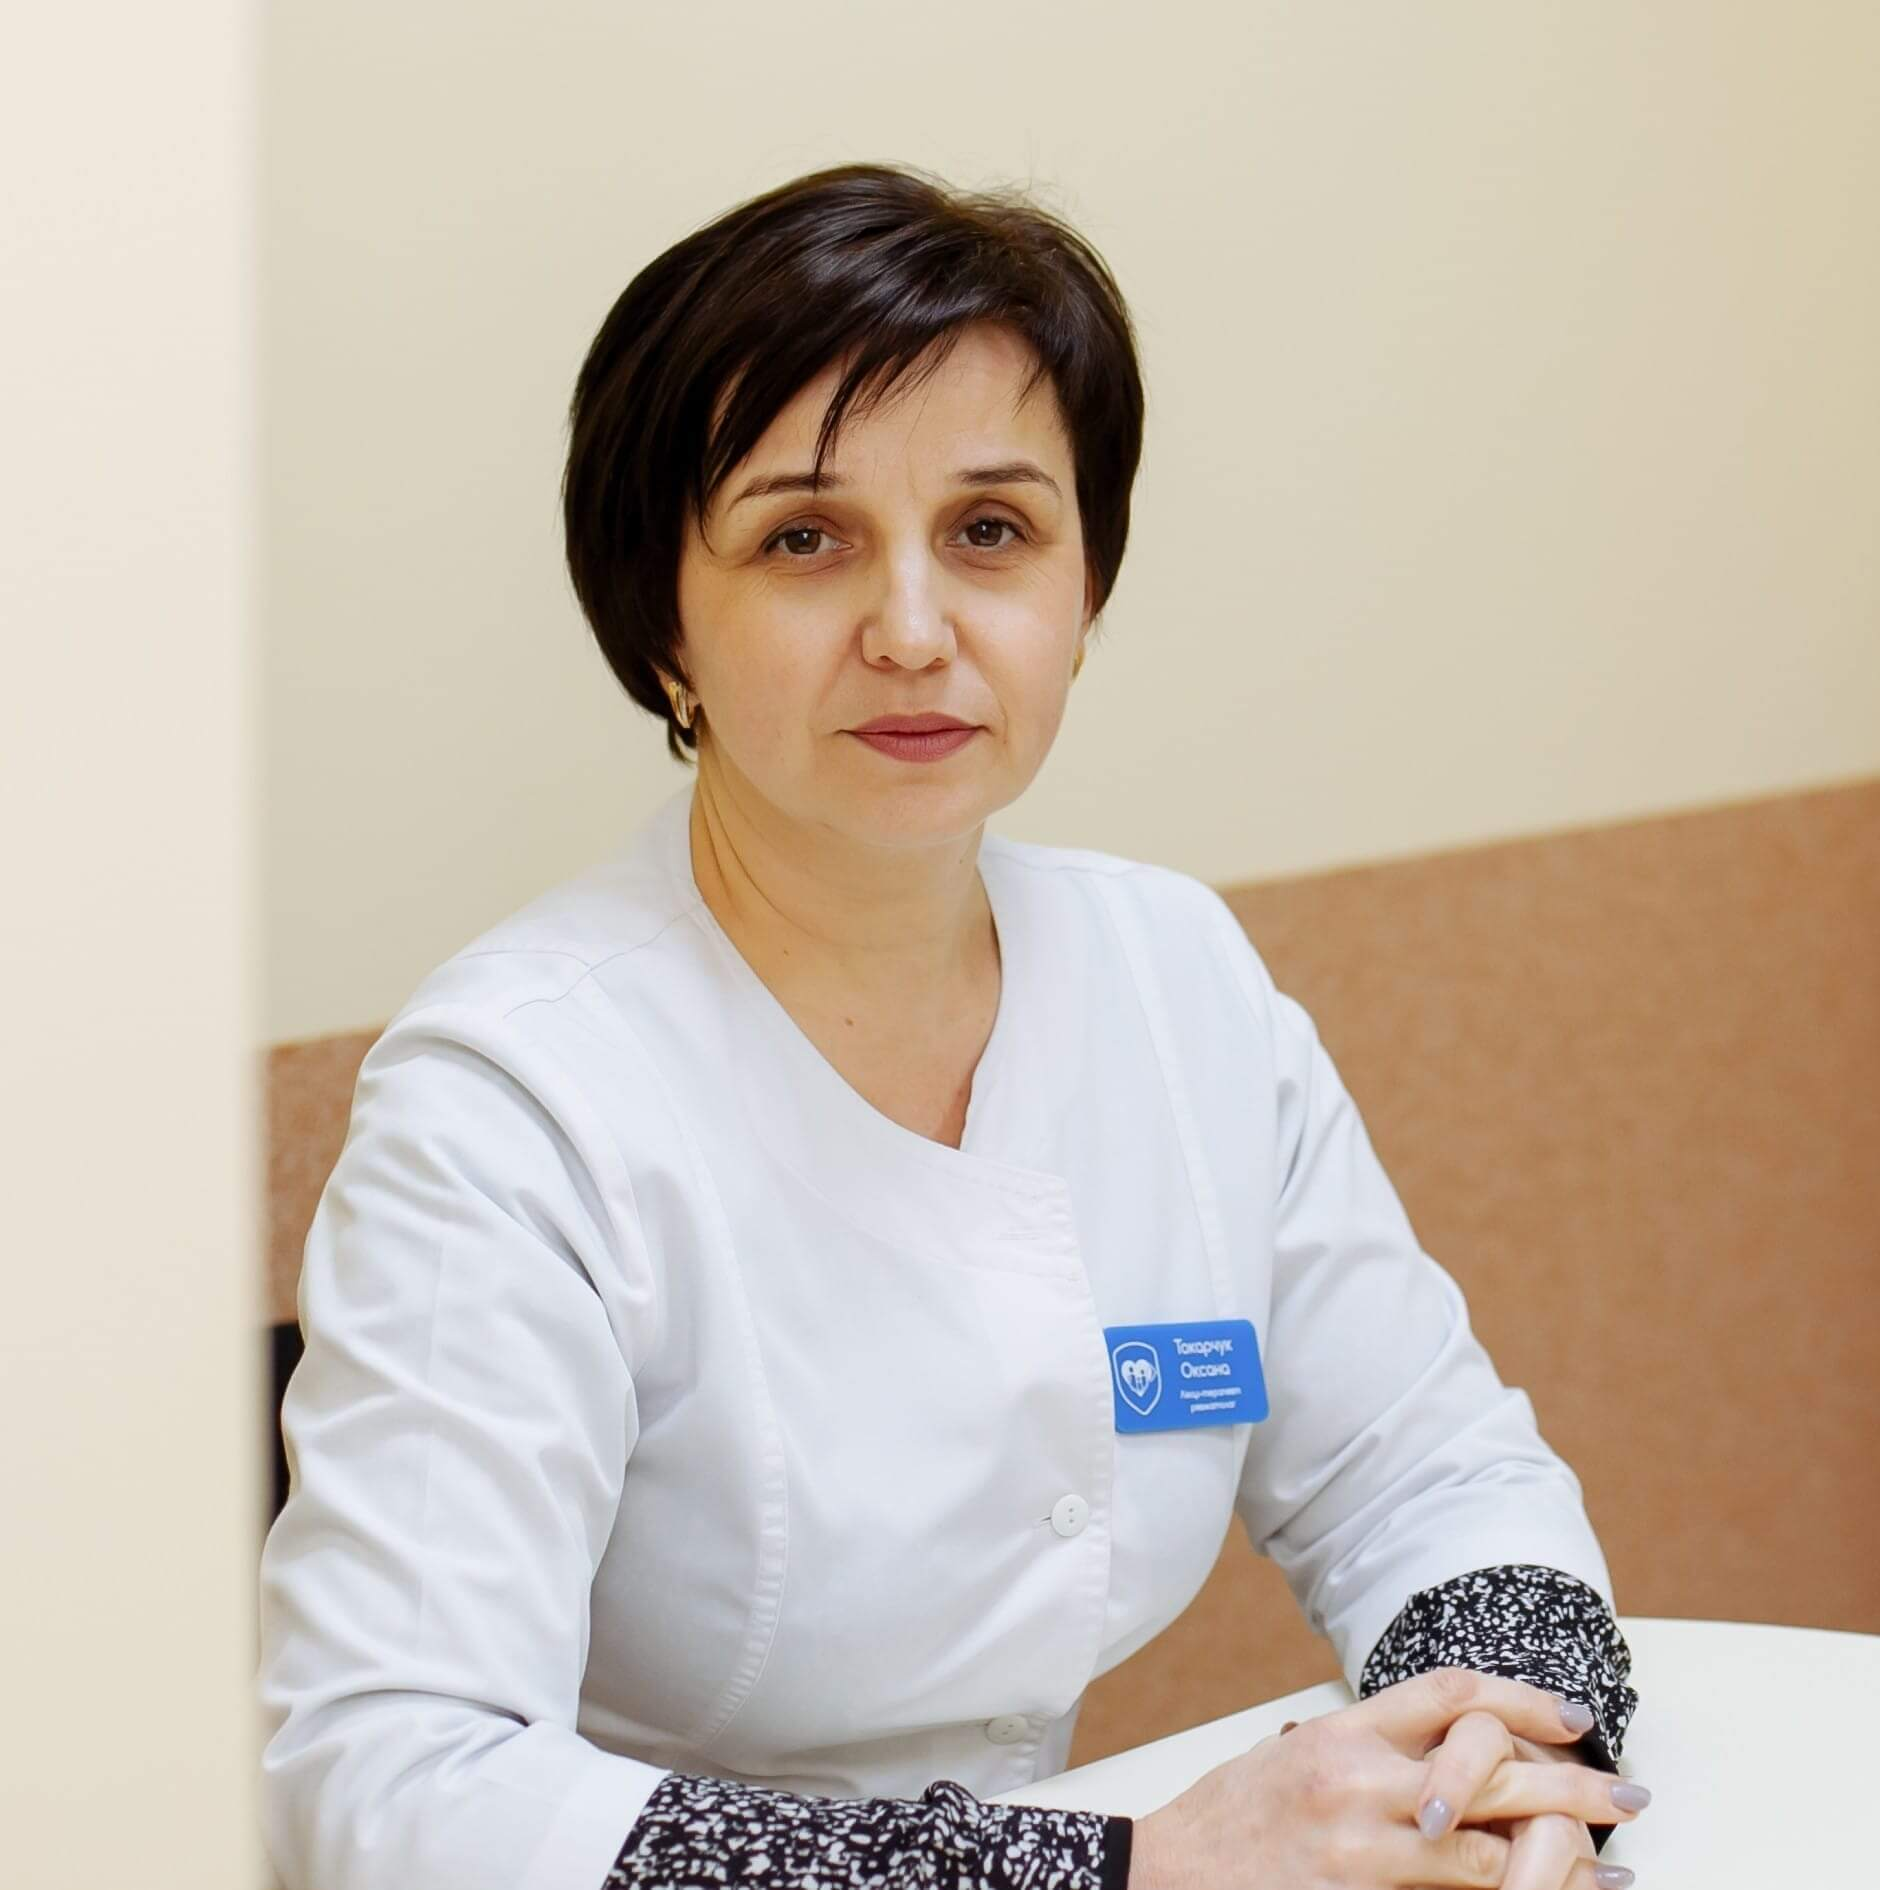 """Оксана Токарчук: """"Найбільше злить, коли пацієнти не виконують рекомендацій, особливо якщо це важливо і нескладно"""""""